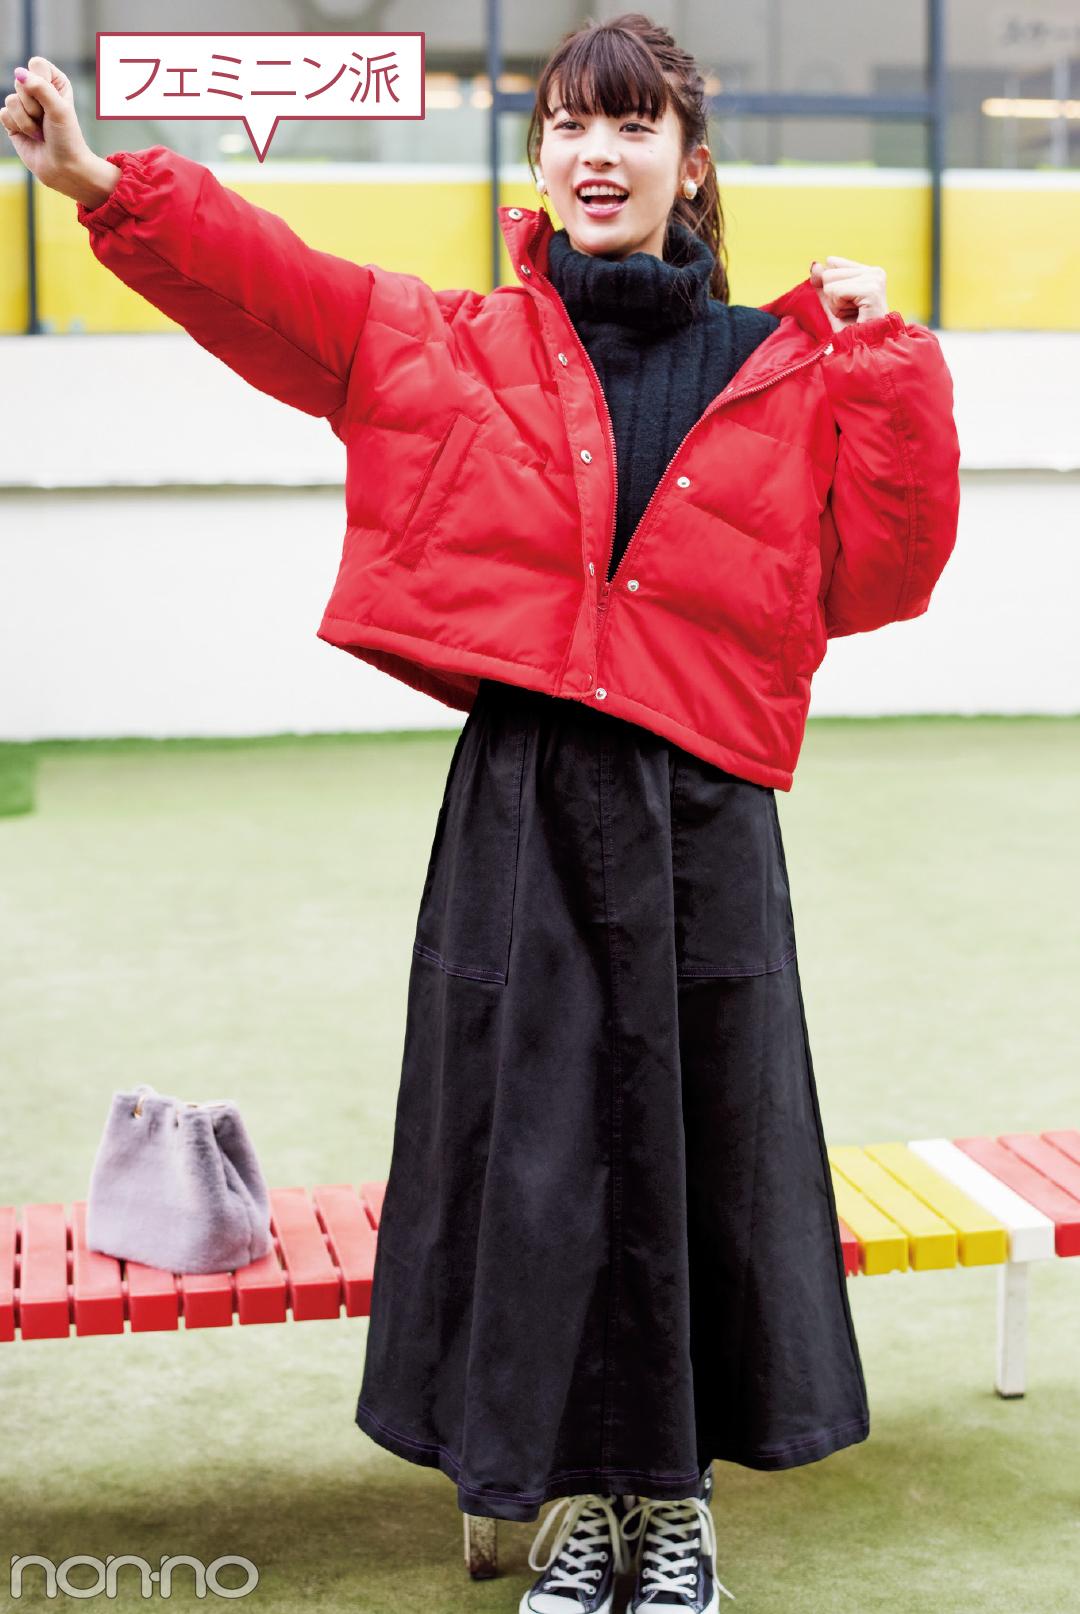 冬のスポーツ観戦、寒くなくて可愛いデートコーデって?_1_2-2